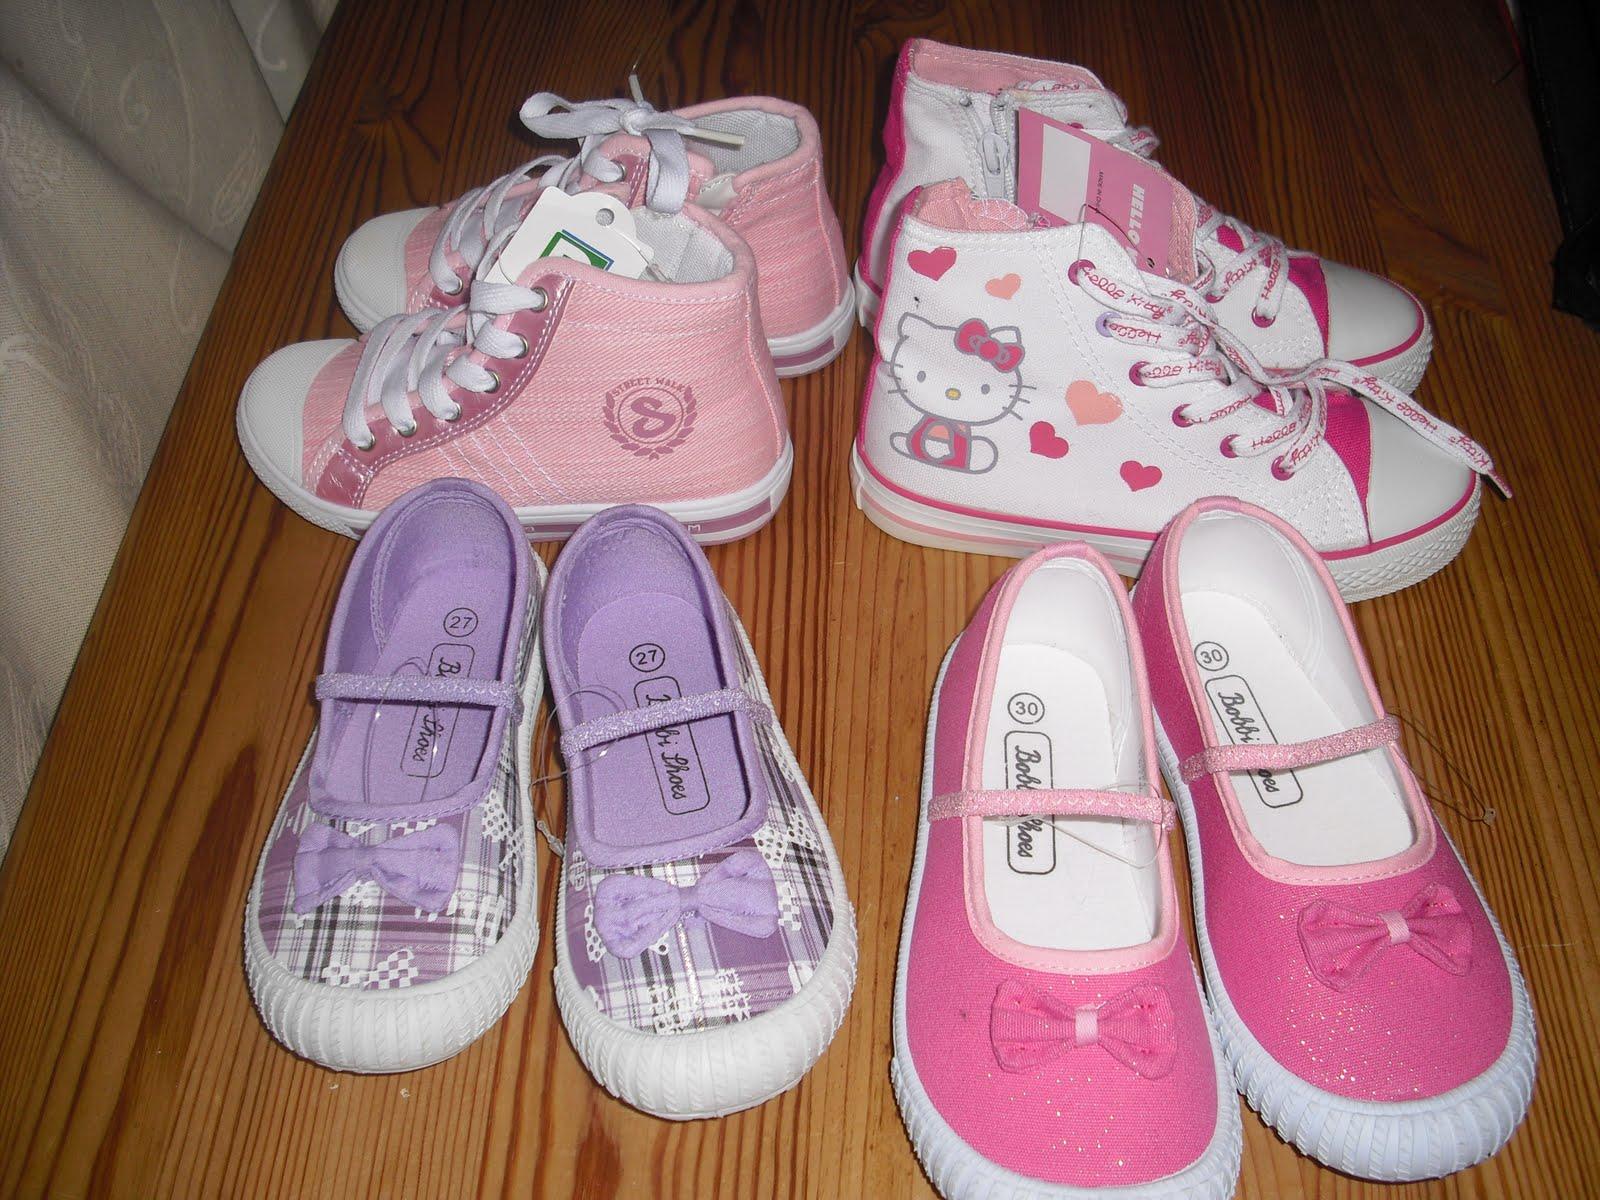 ef678536 Ble noen nye sko på barna Julie fikk rosa basketsko pluss nye innesko til å  bruke i barnehagen. Martine fikk Hello Kitty sko og selvvalgte rosa sko til  ...